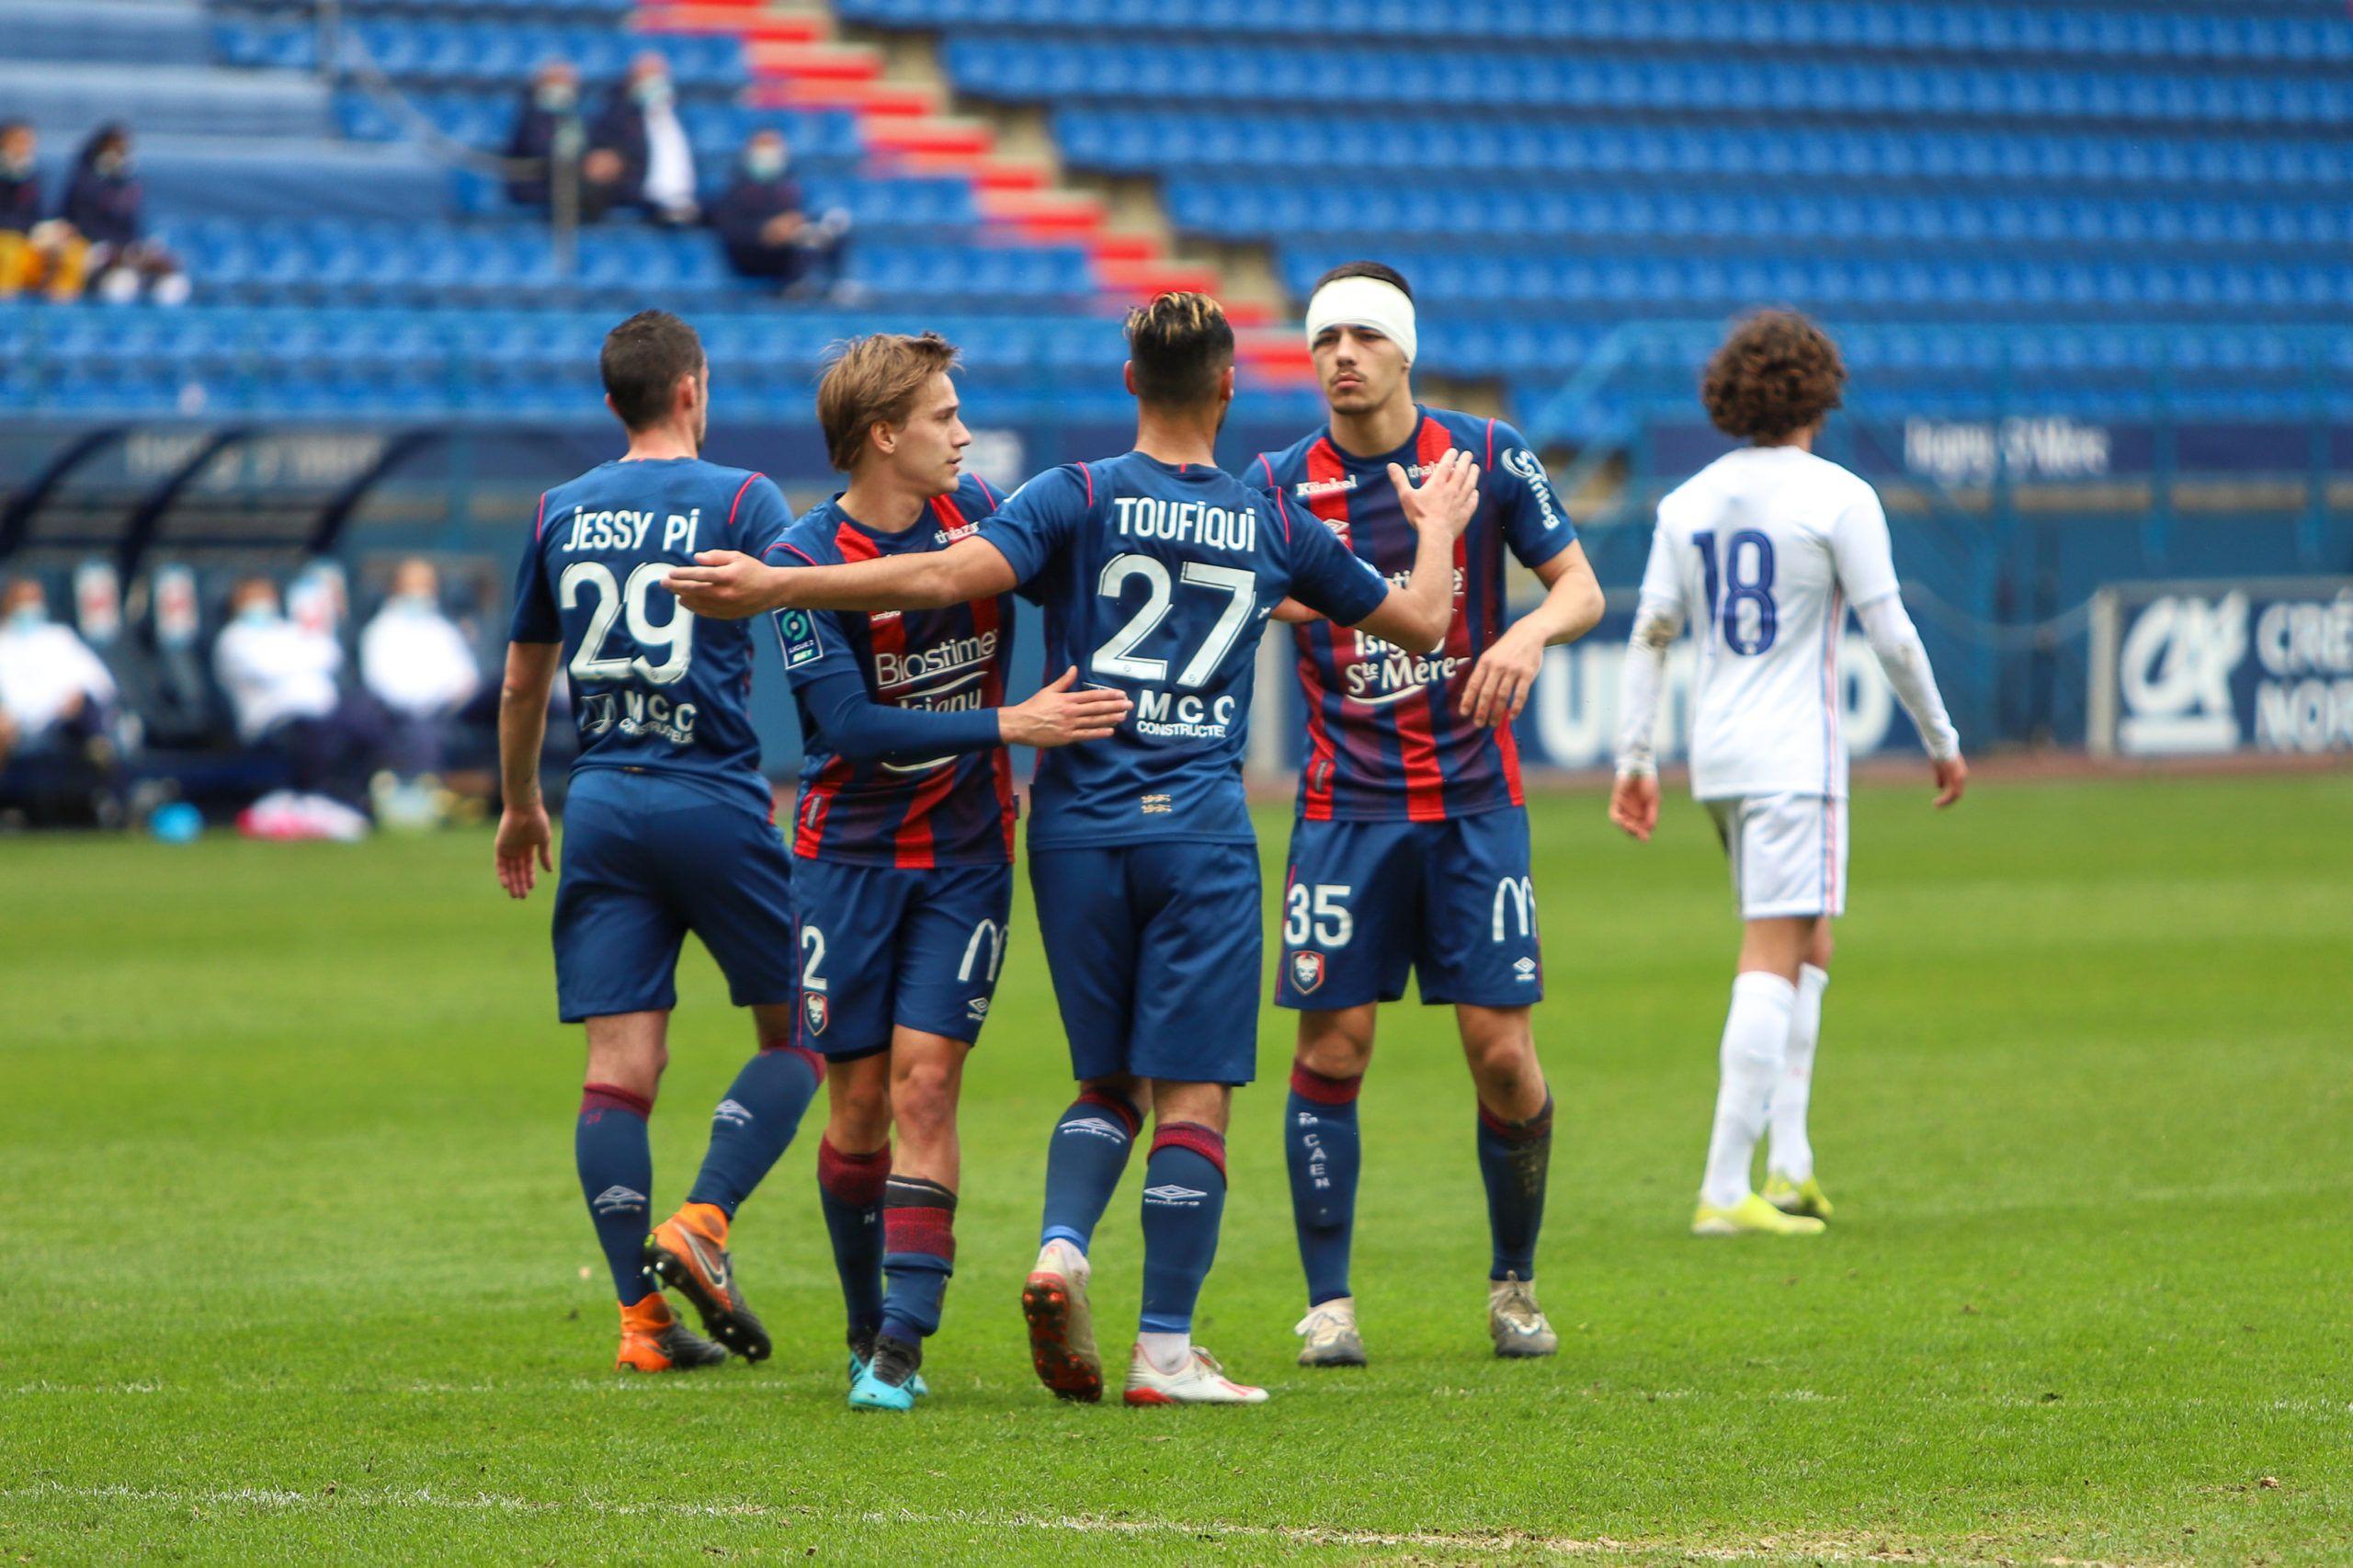 SM Caen – Pau FC : les compositions d'équipes probables selon la presse